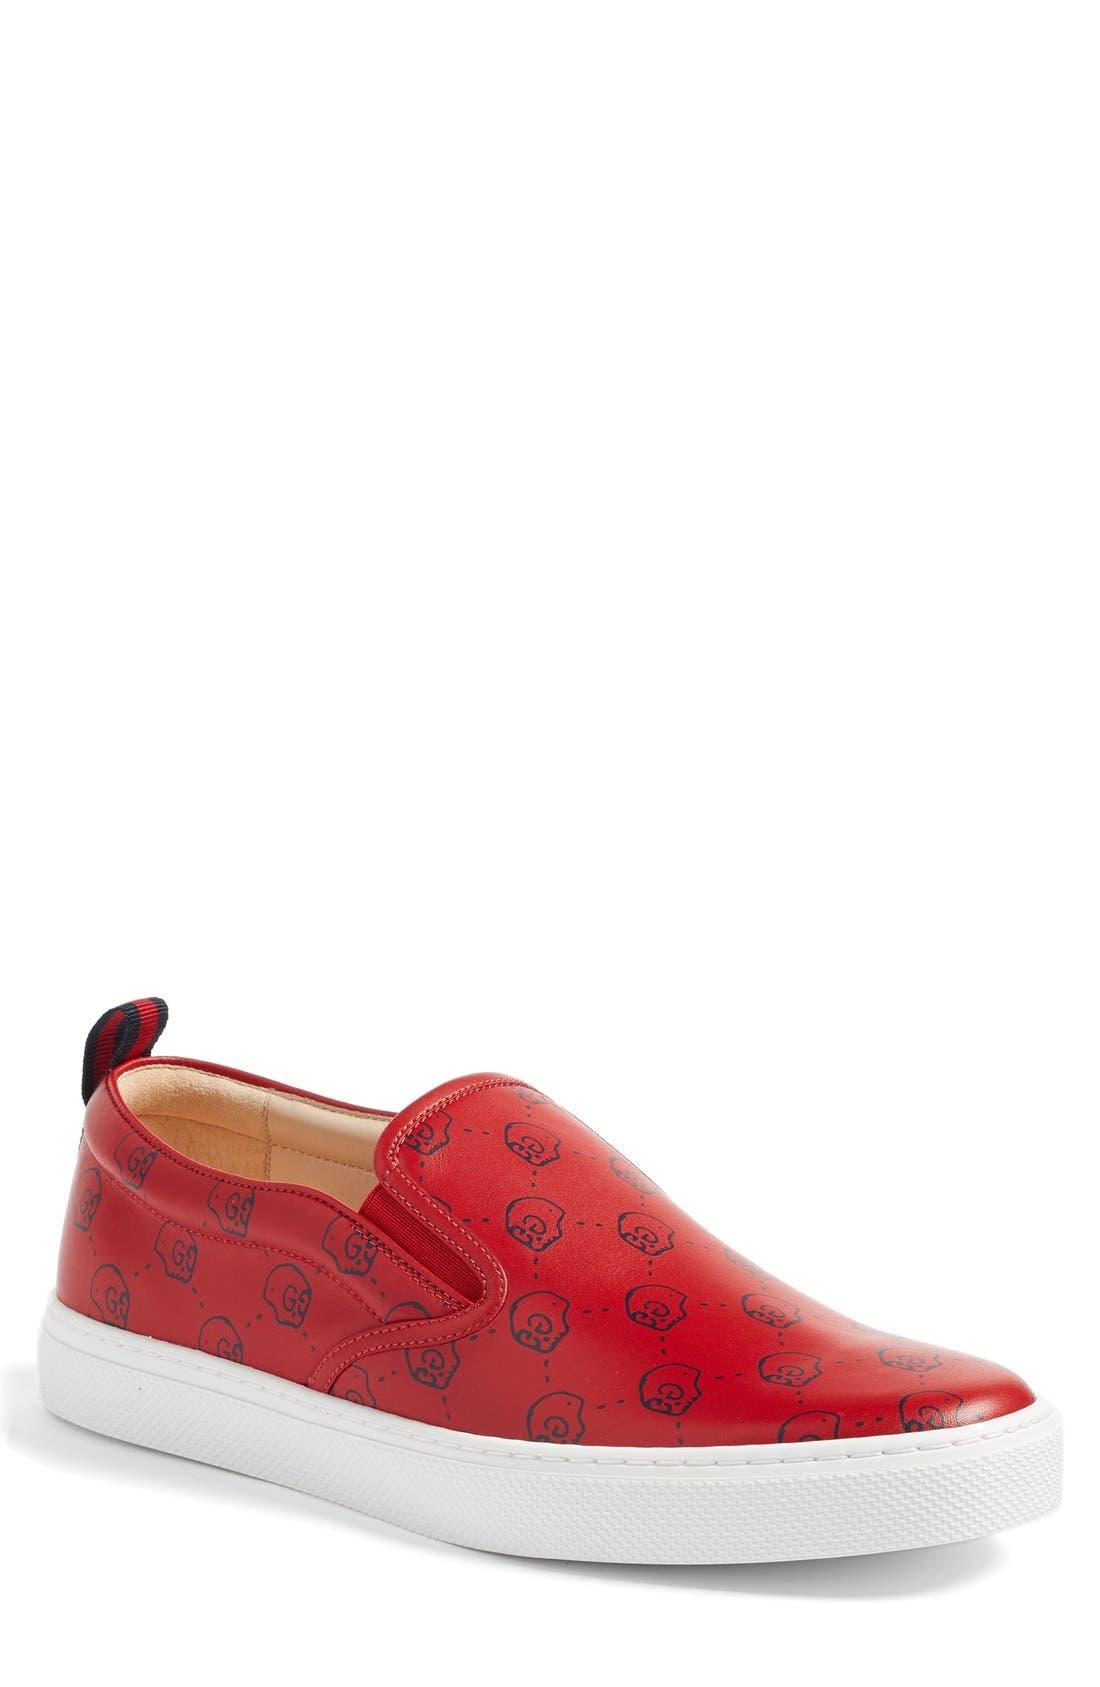 Dublin Slip-On Sneaker,                             Main thumbnail 16, color,